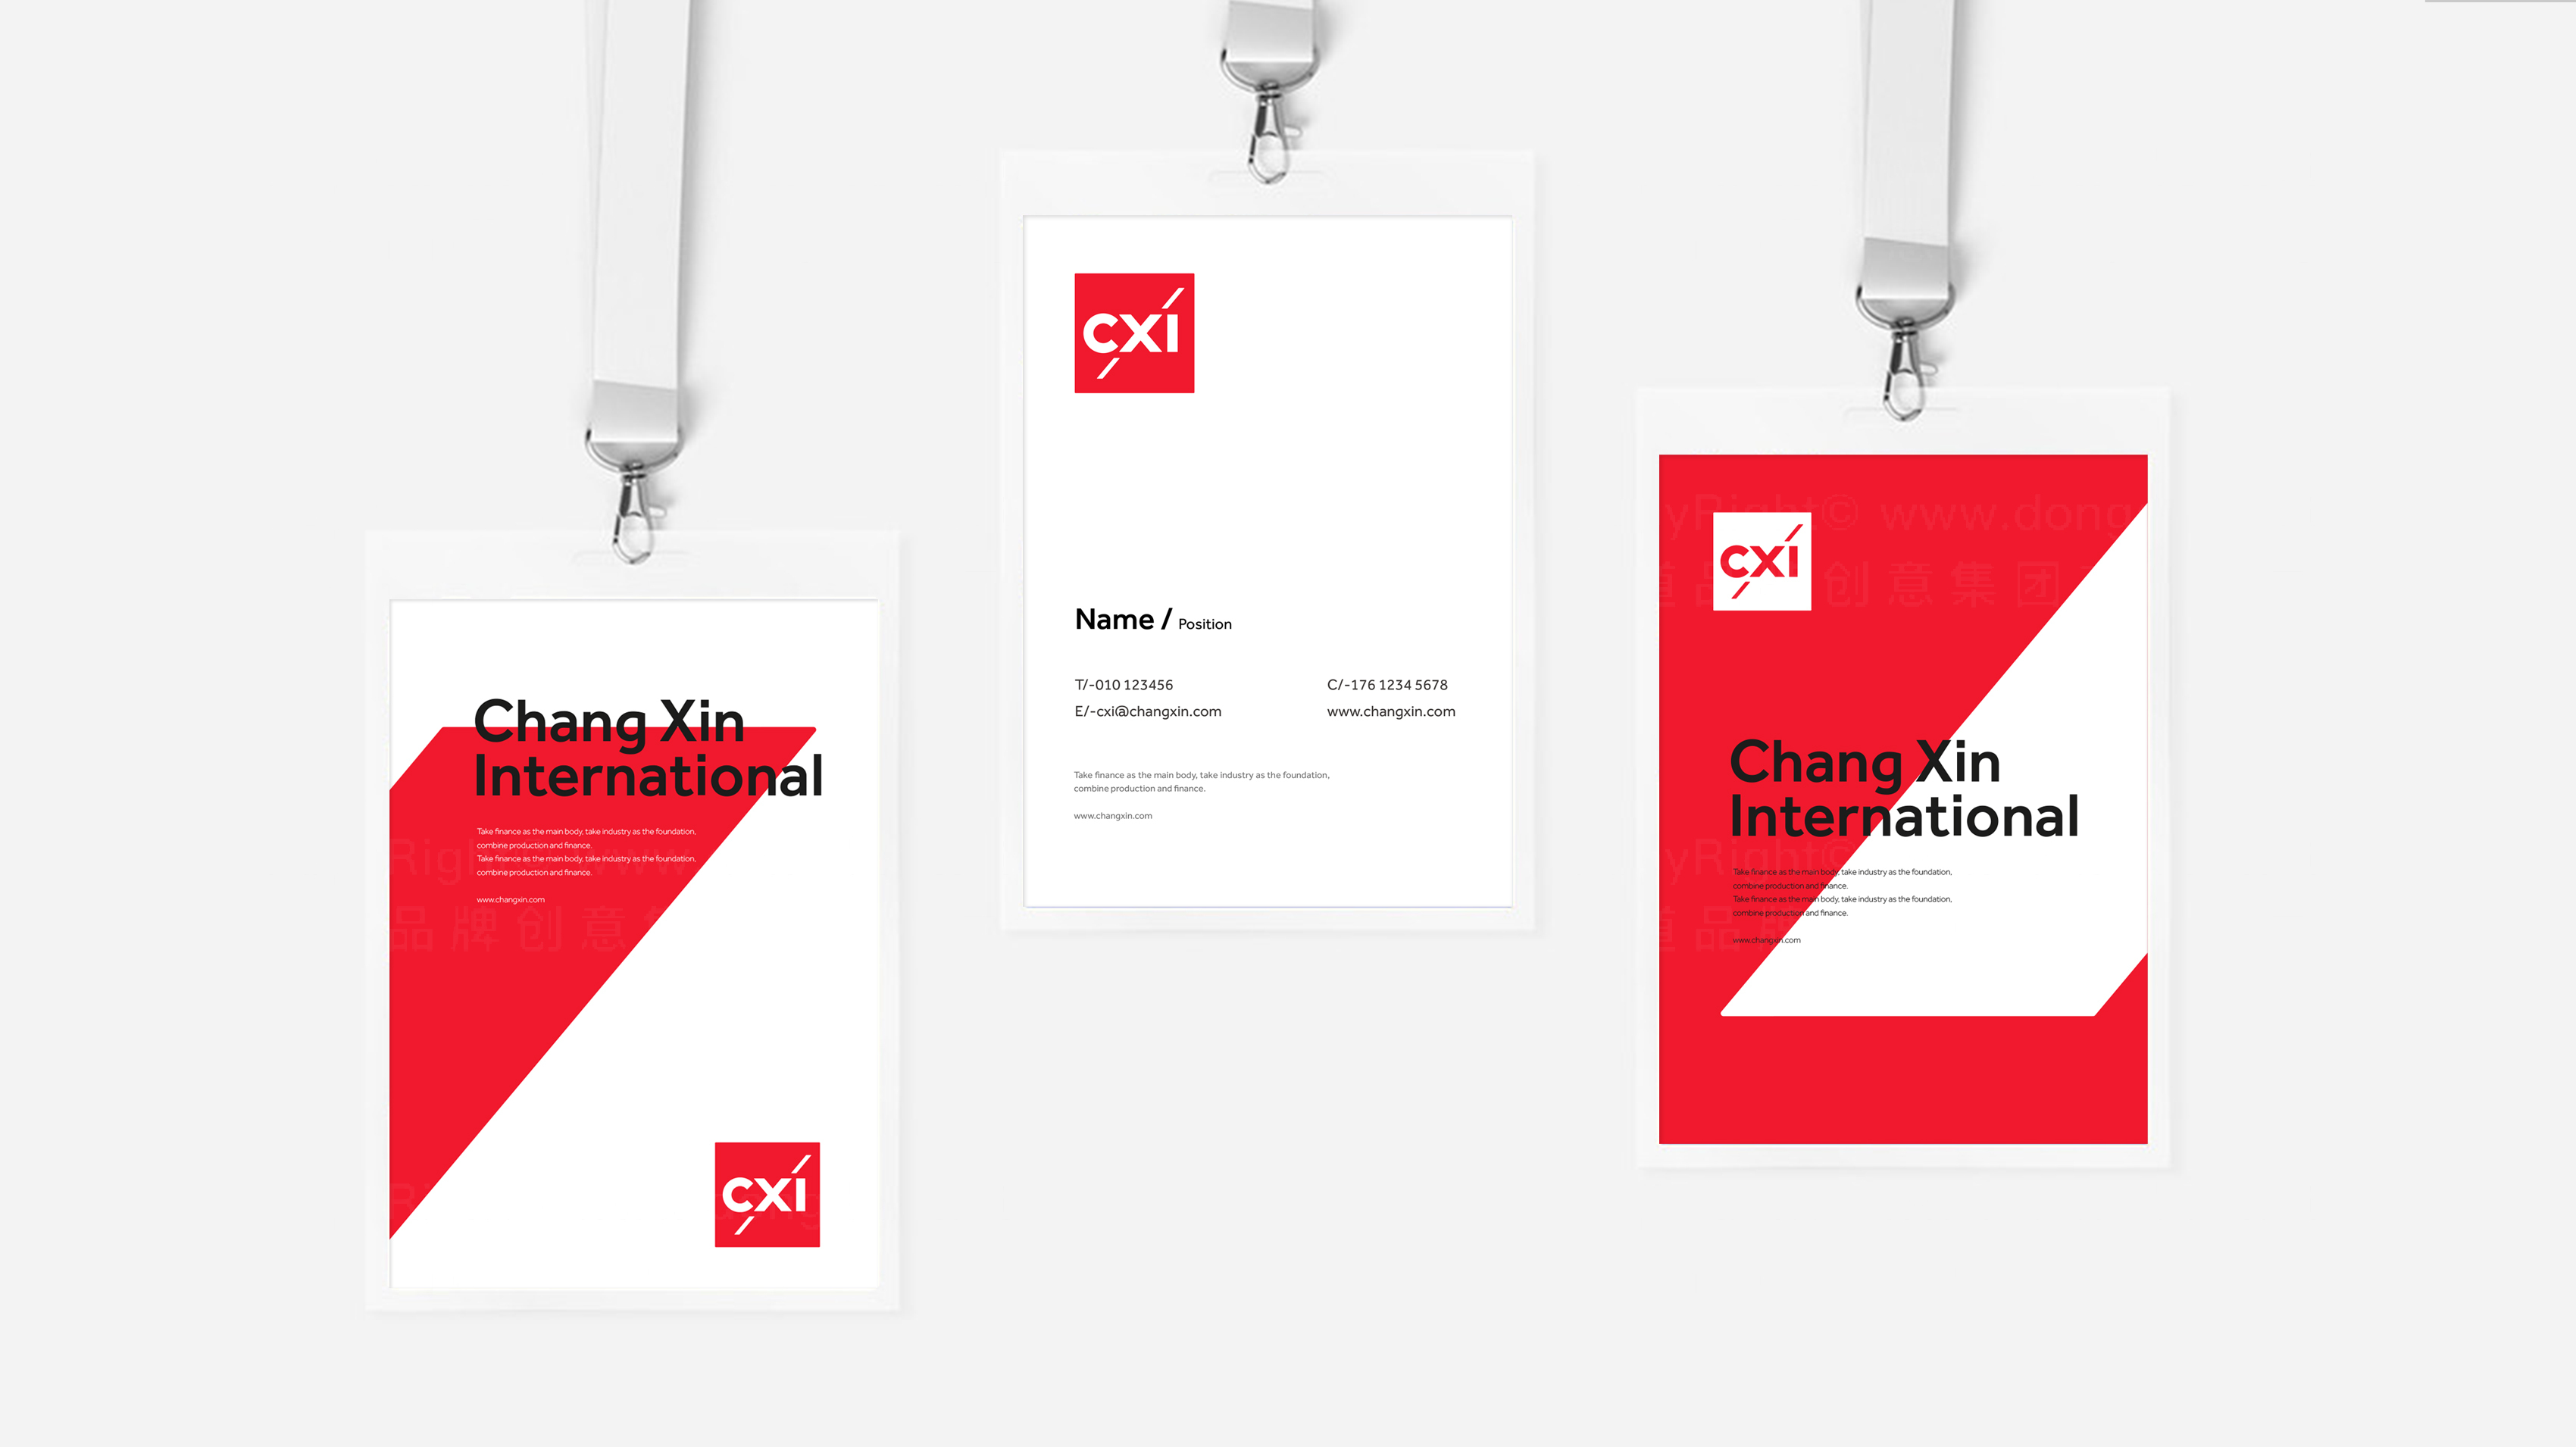 品牌设计常新国际LOGO&VI设计应用场景_11